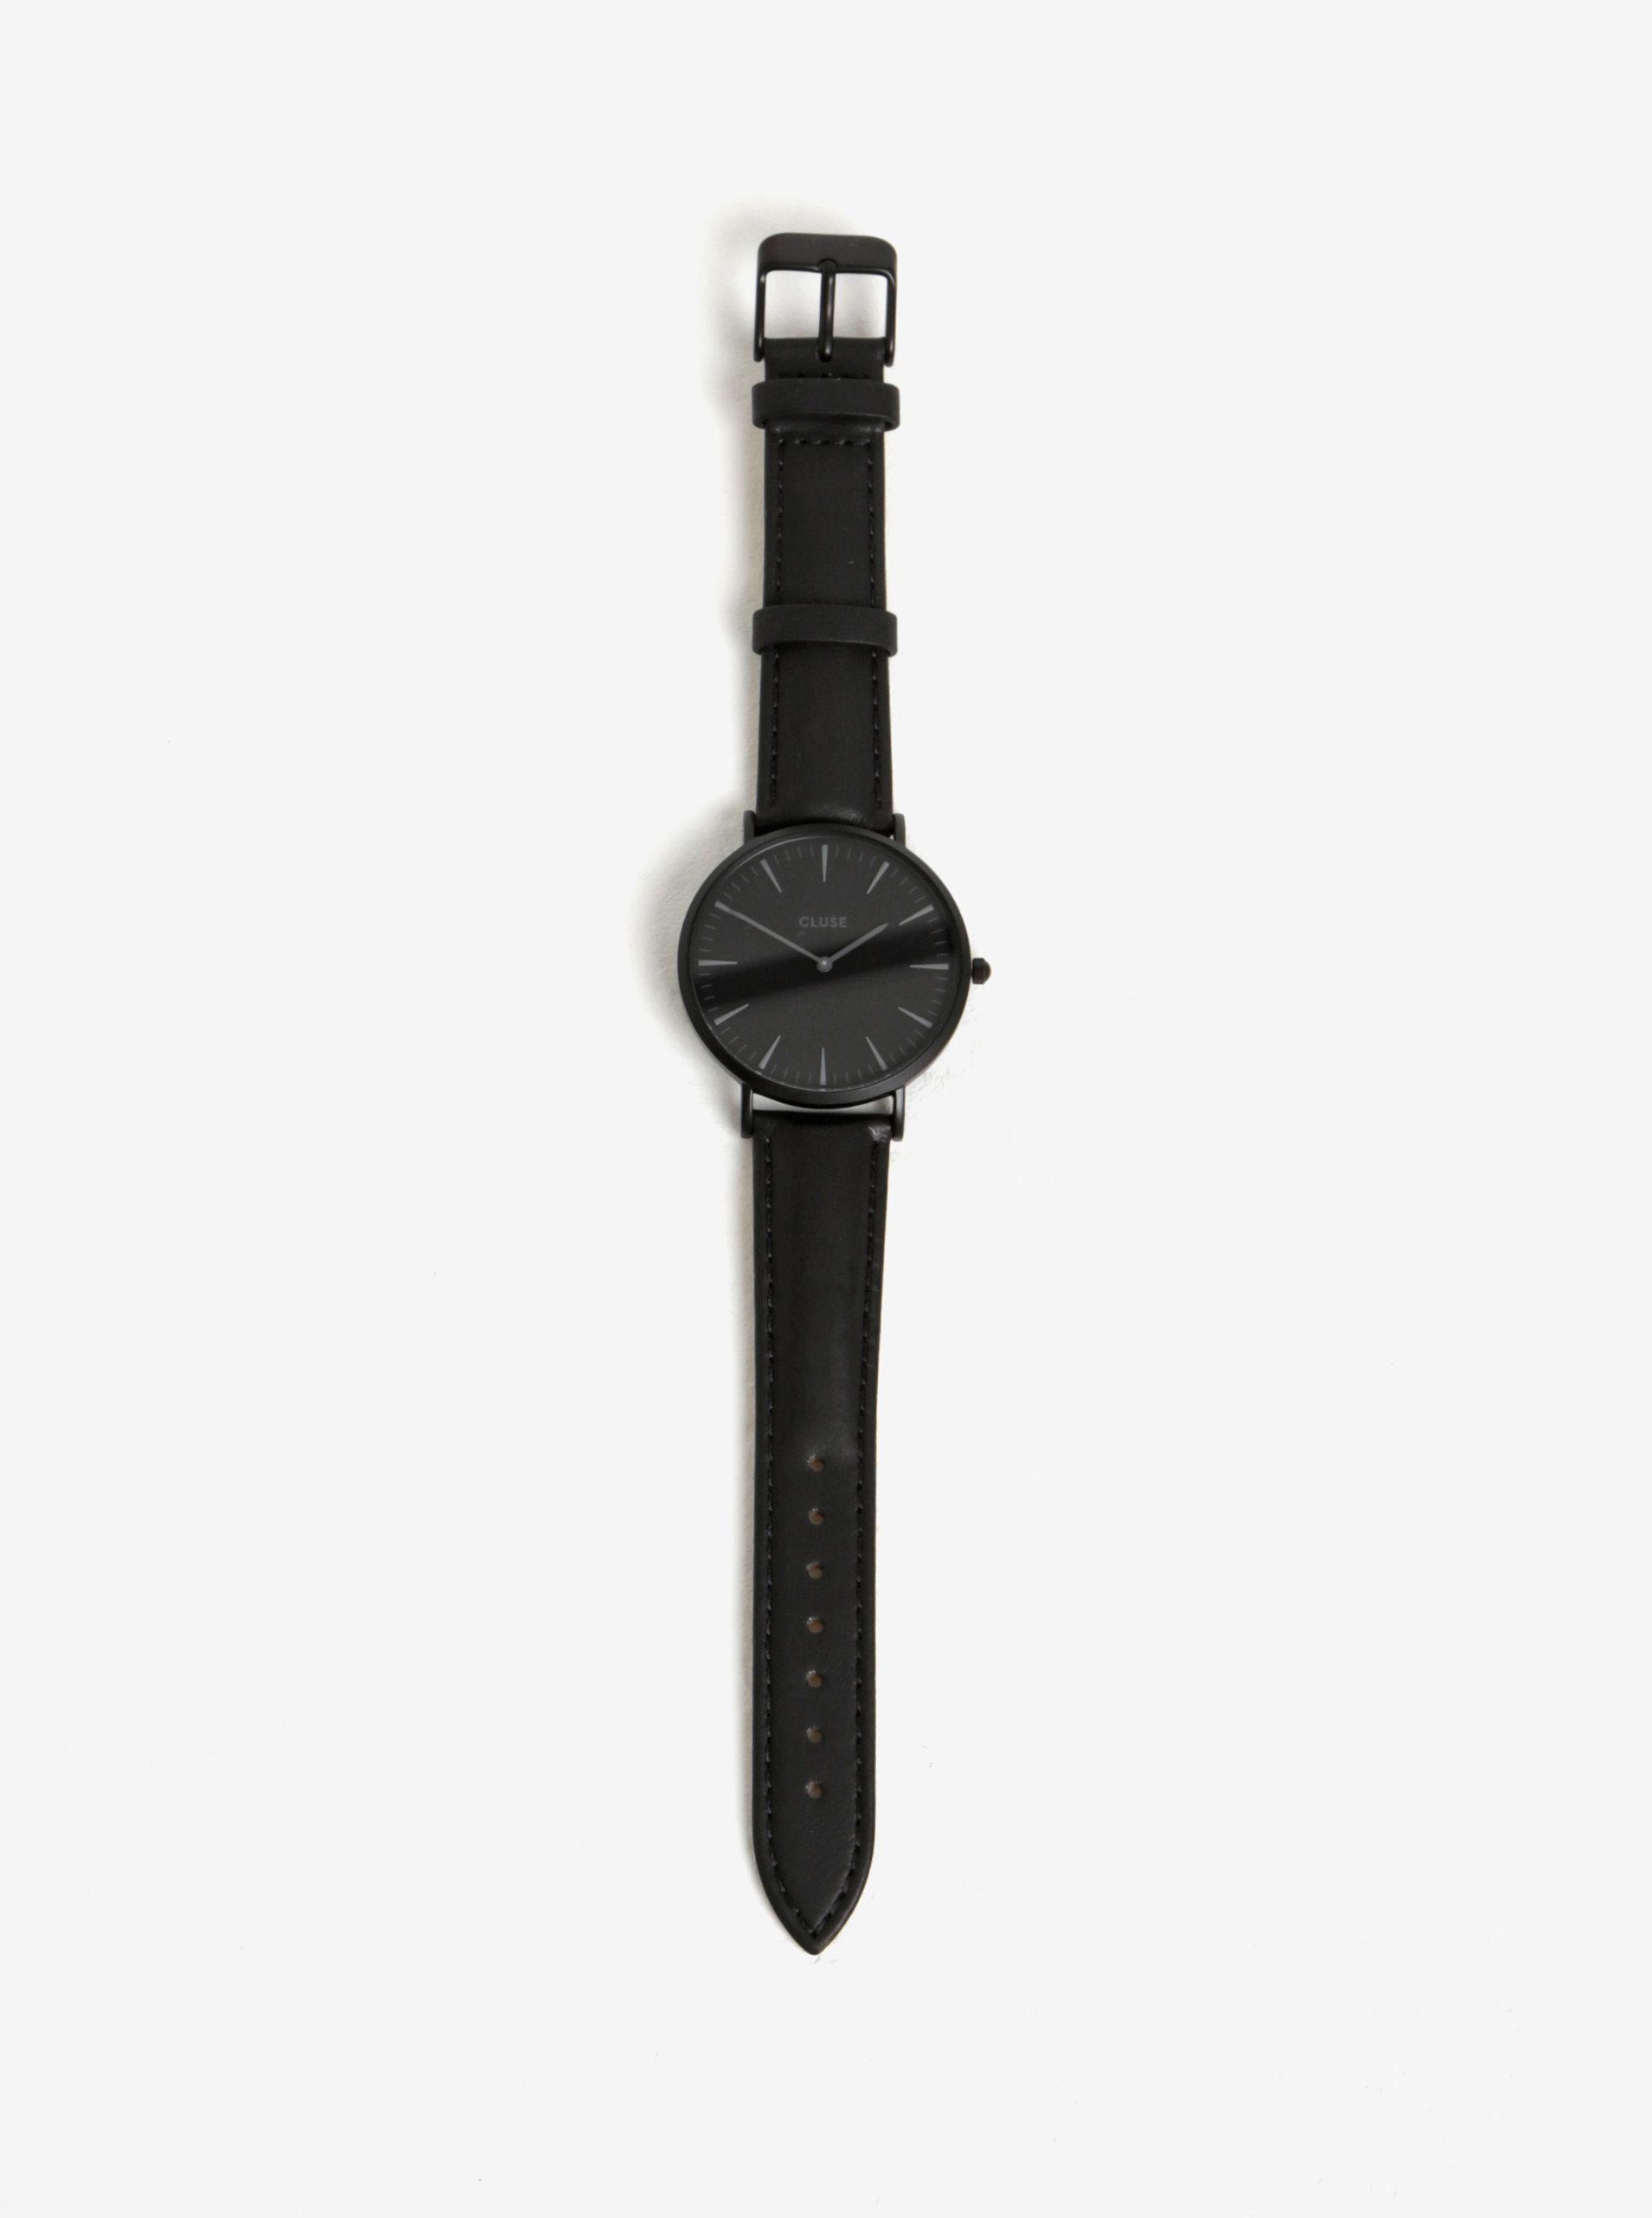 Černé dámské hodinky s vyměnitelnými koženými pásky v černé a béžové barvě  CLUSE ... 3959d6beb3